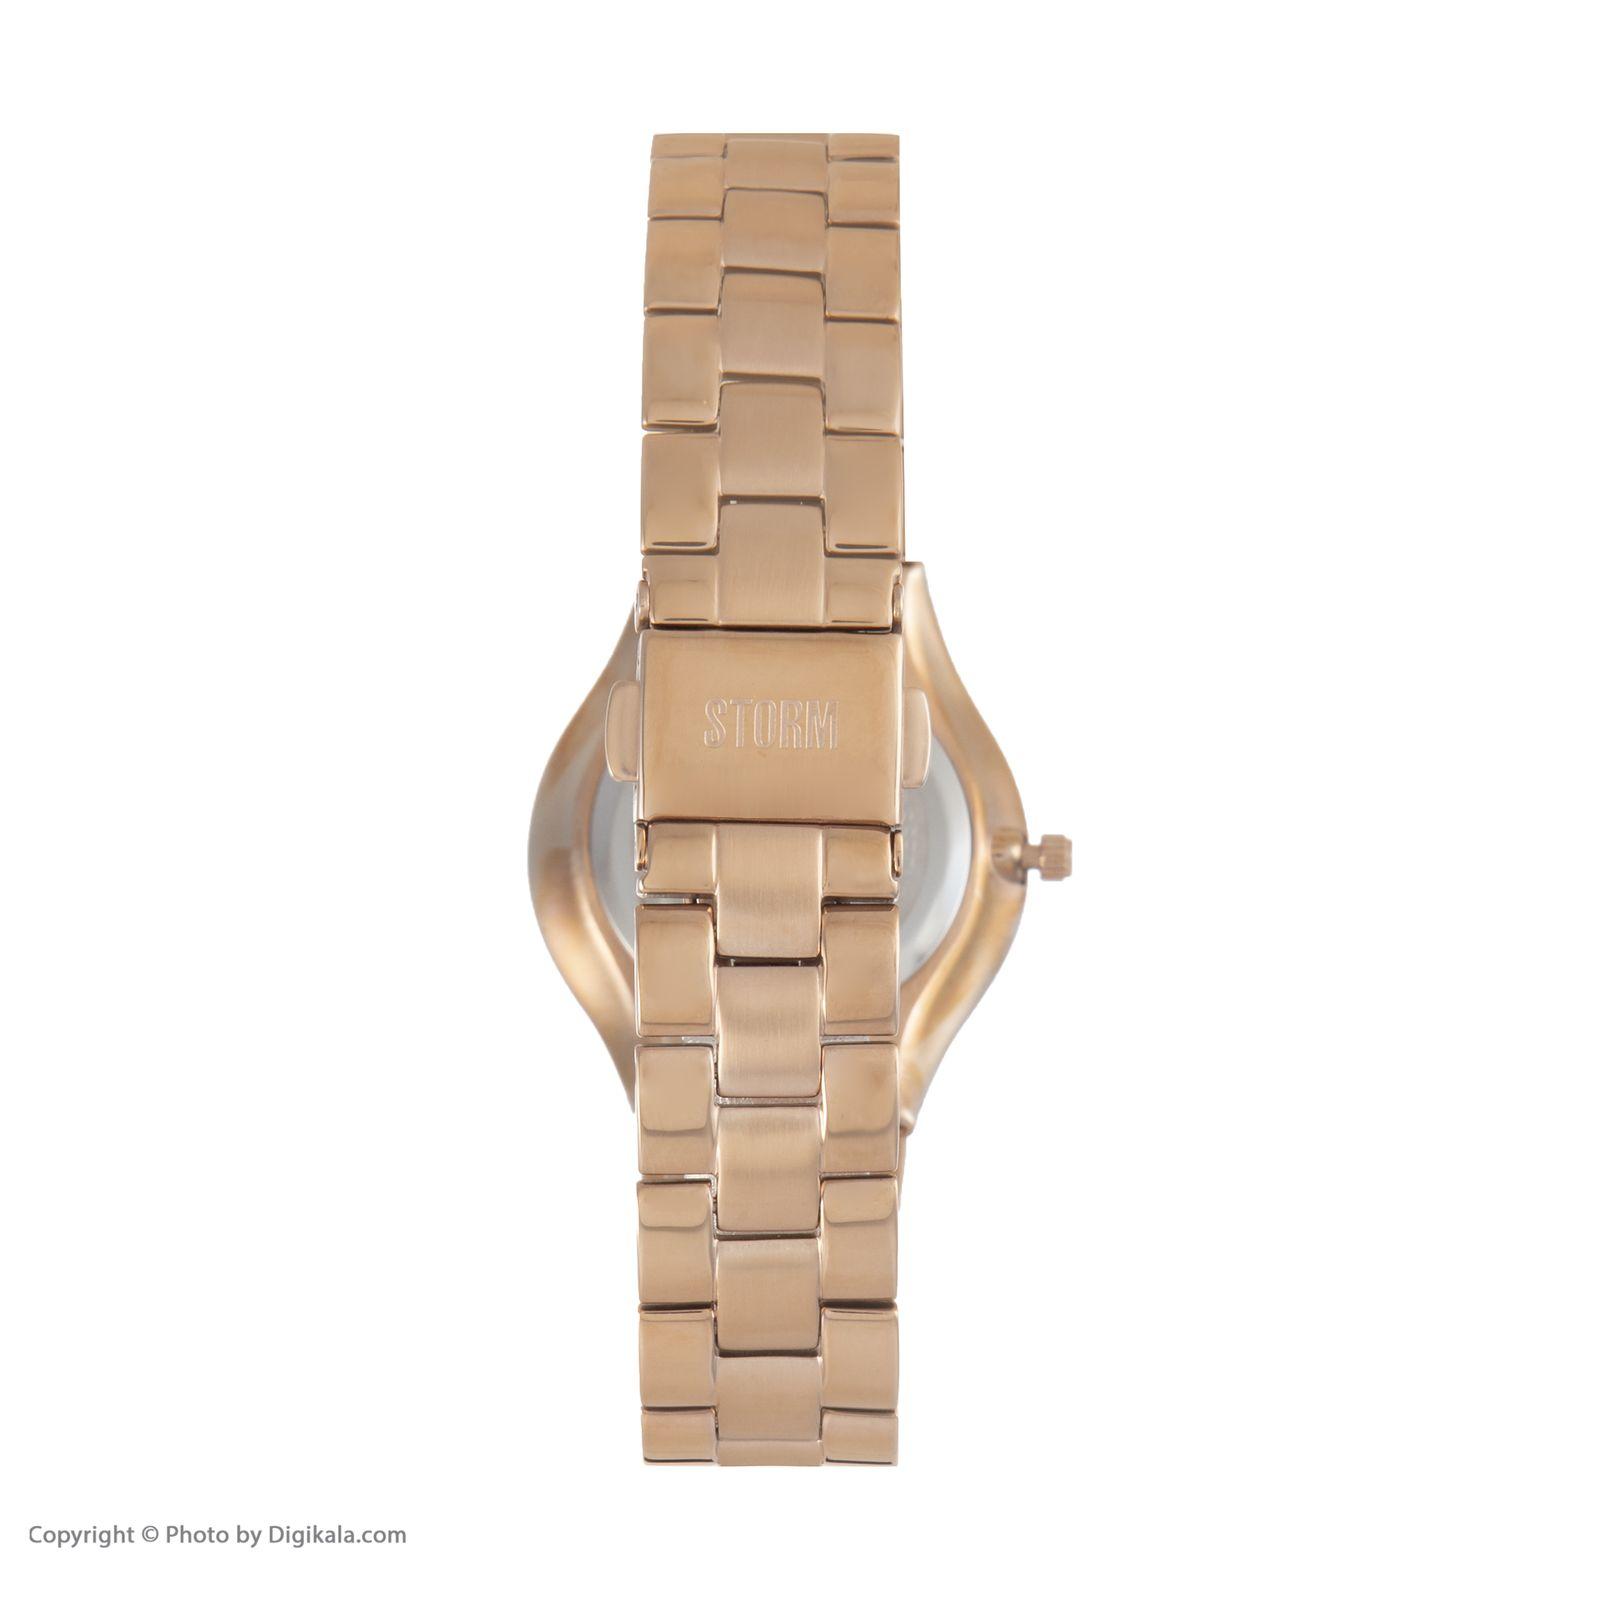 ساعت مچی عقربه ای زنانه استورم مدل ST 47158-RG -  - 5